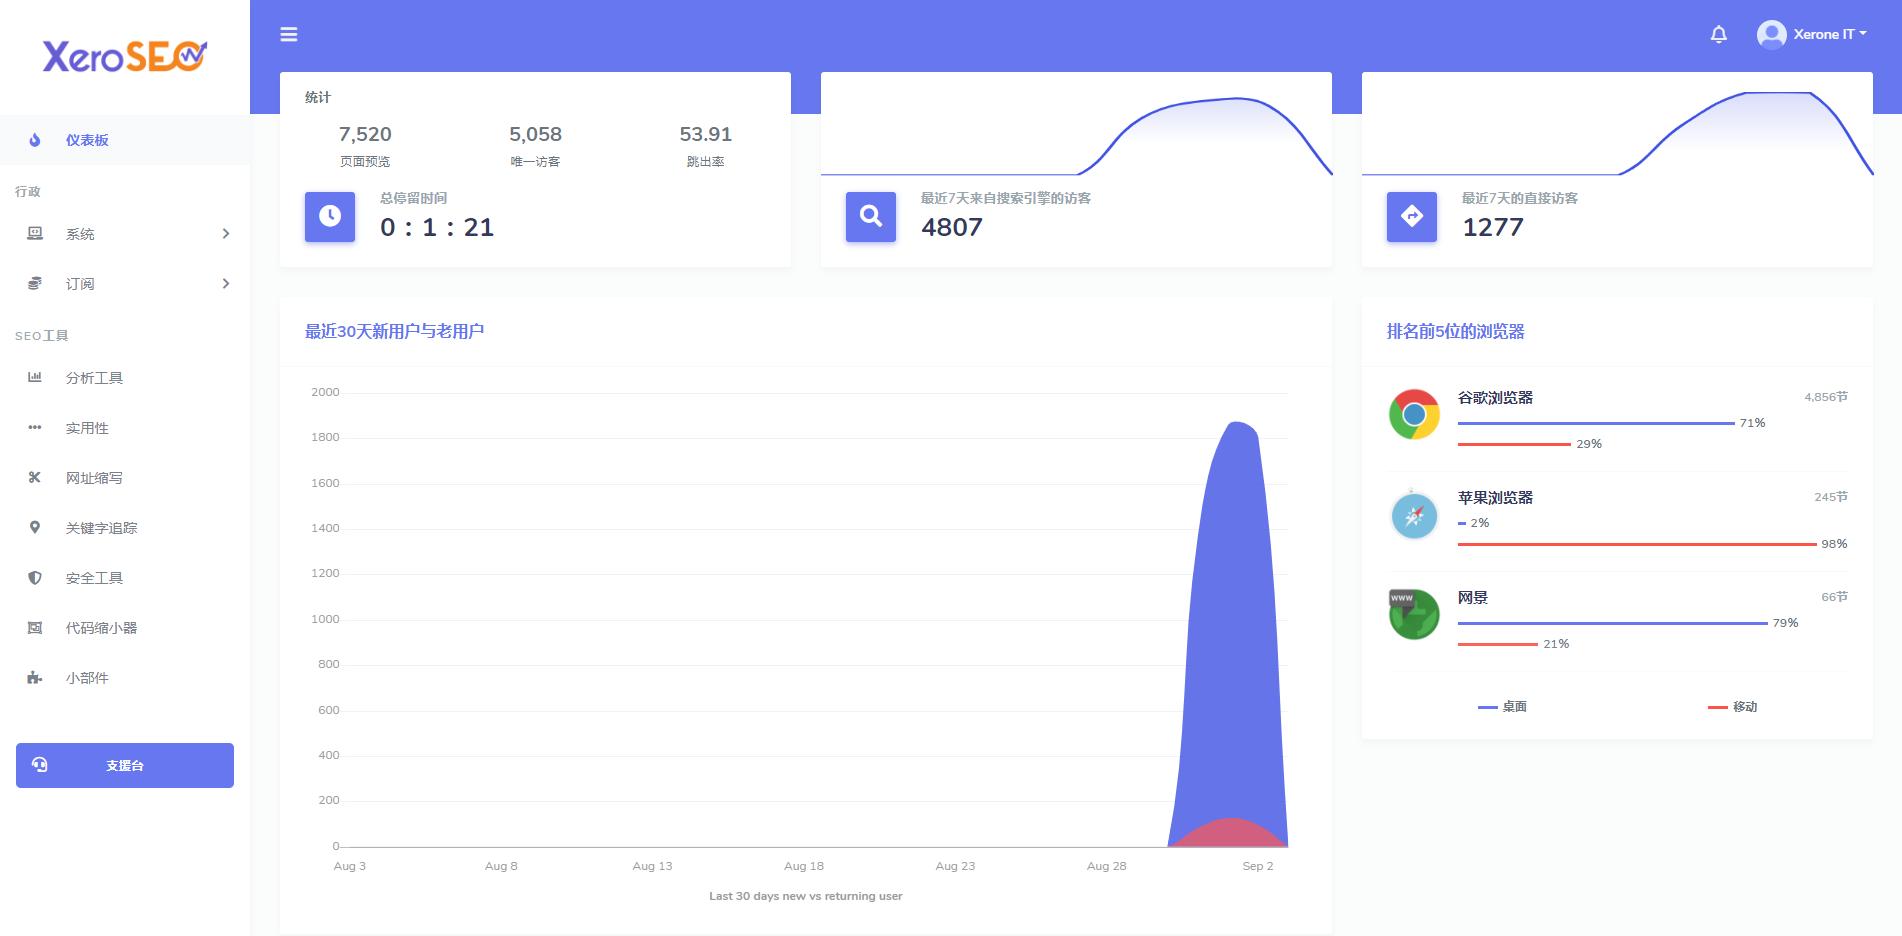 XeroSEO v6.1.7最完善的网站访客分析和SEO工具-常网小站Miknio